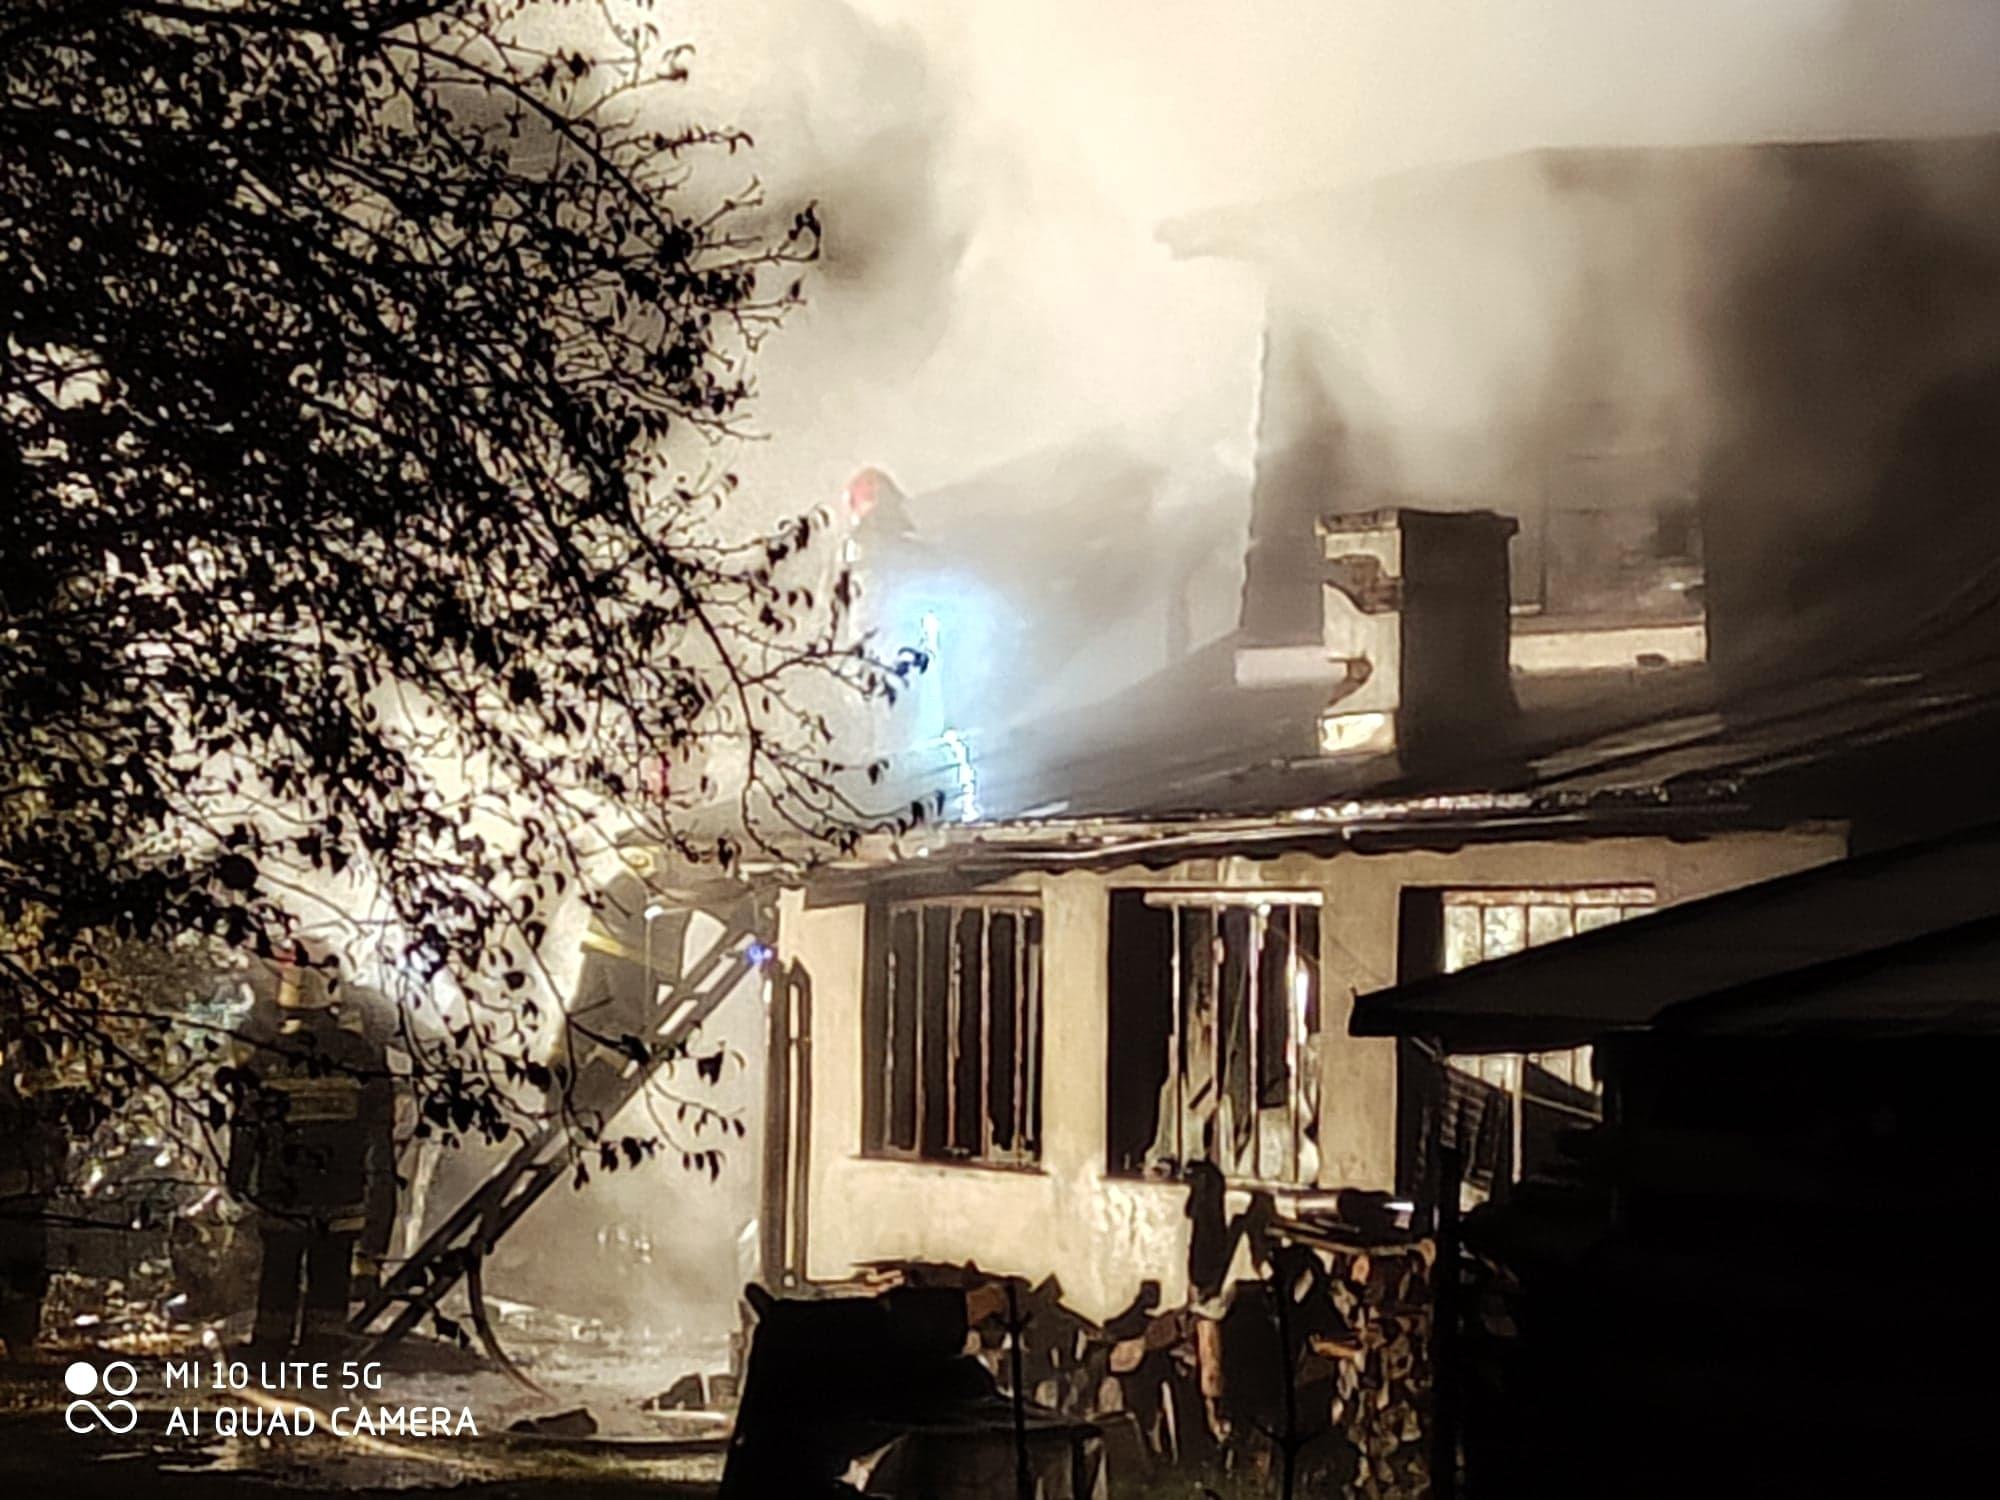 Pomóżmy odbudować spalony dom w Mrzygłodzie. Potrzebna pilnie Wasza pomoc! - Zdjęcie główne